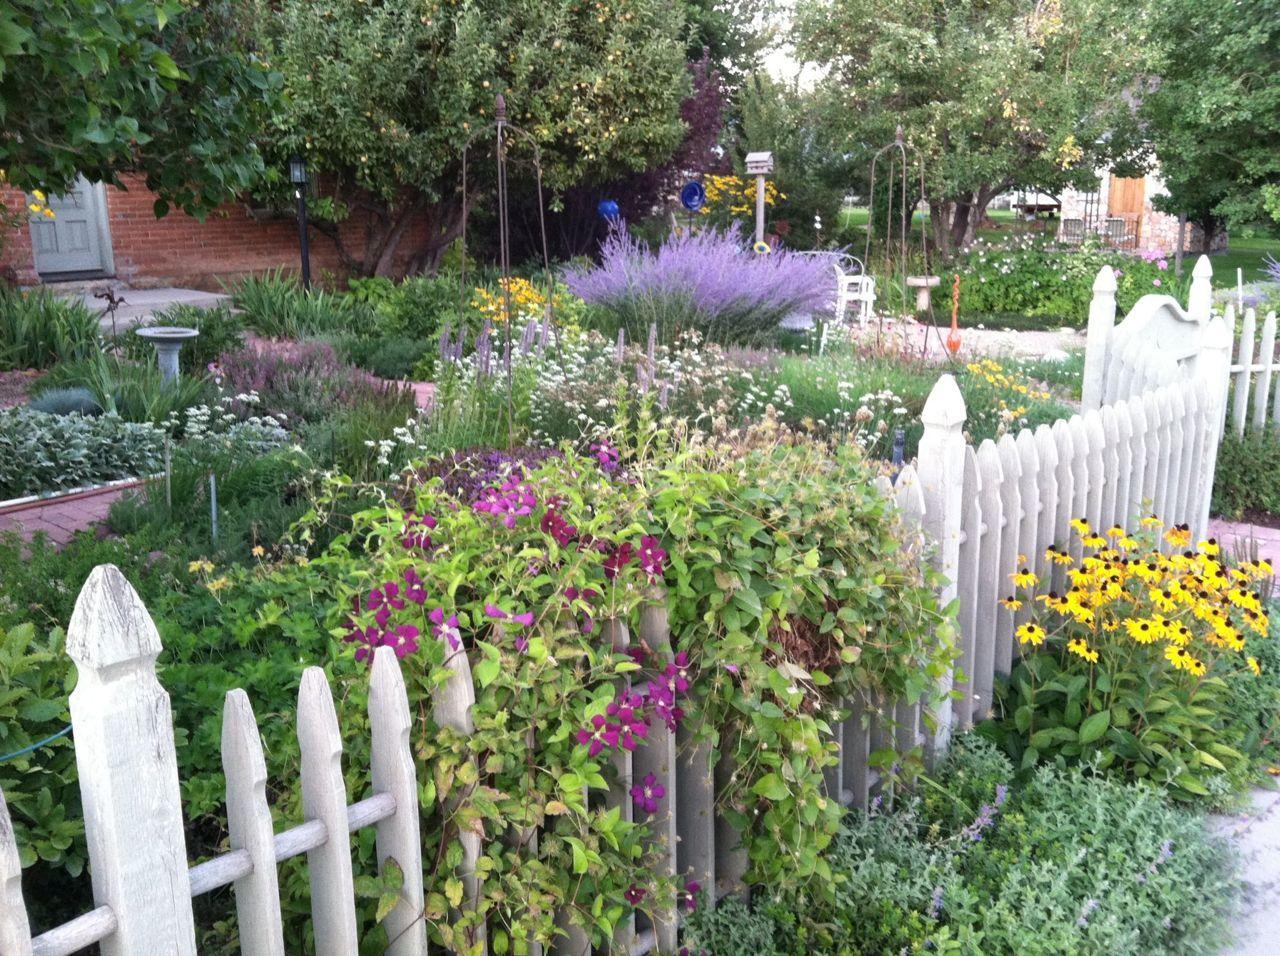 Midway ut cottage garden home garden ideas pinterest for Cottage garden ideas